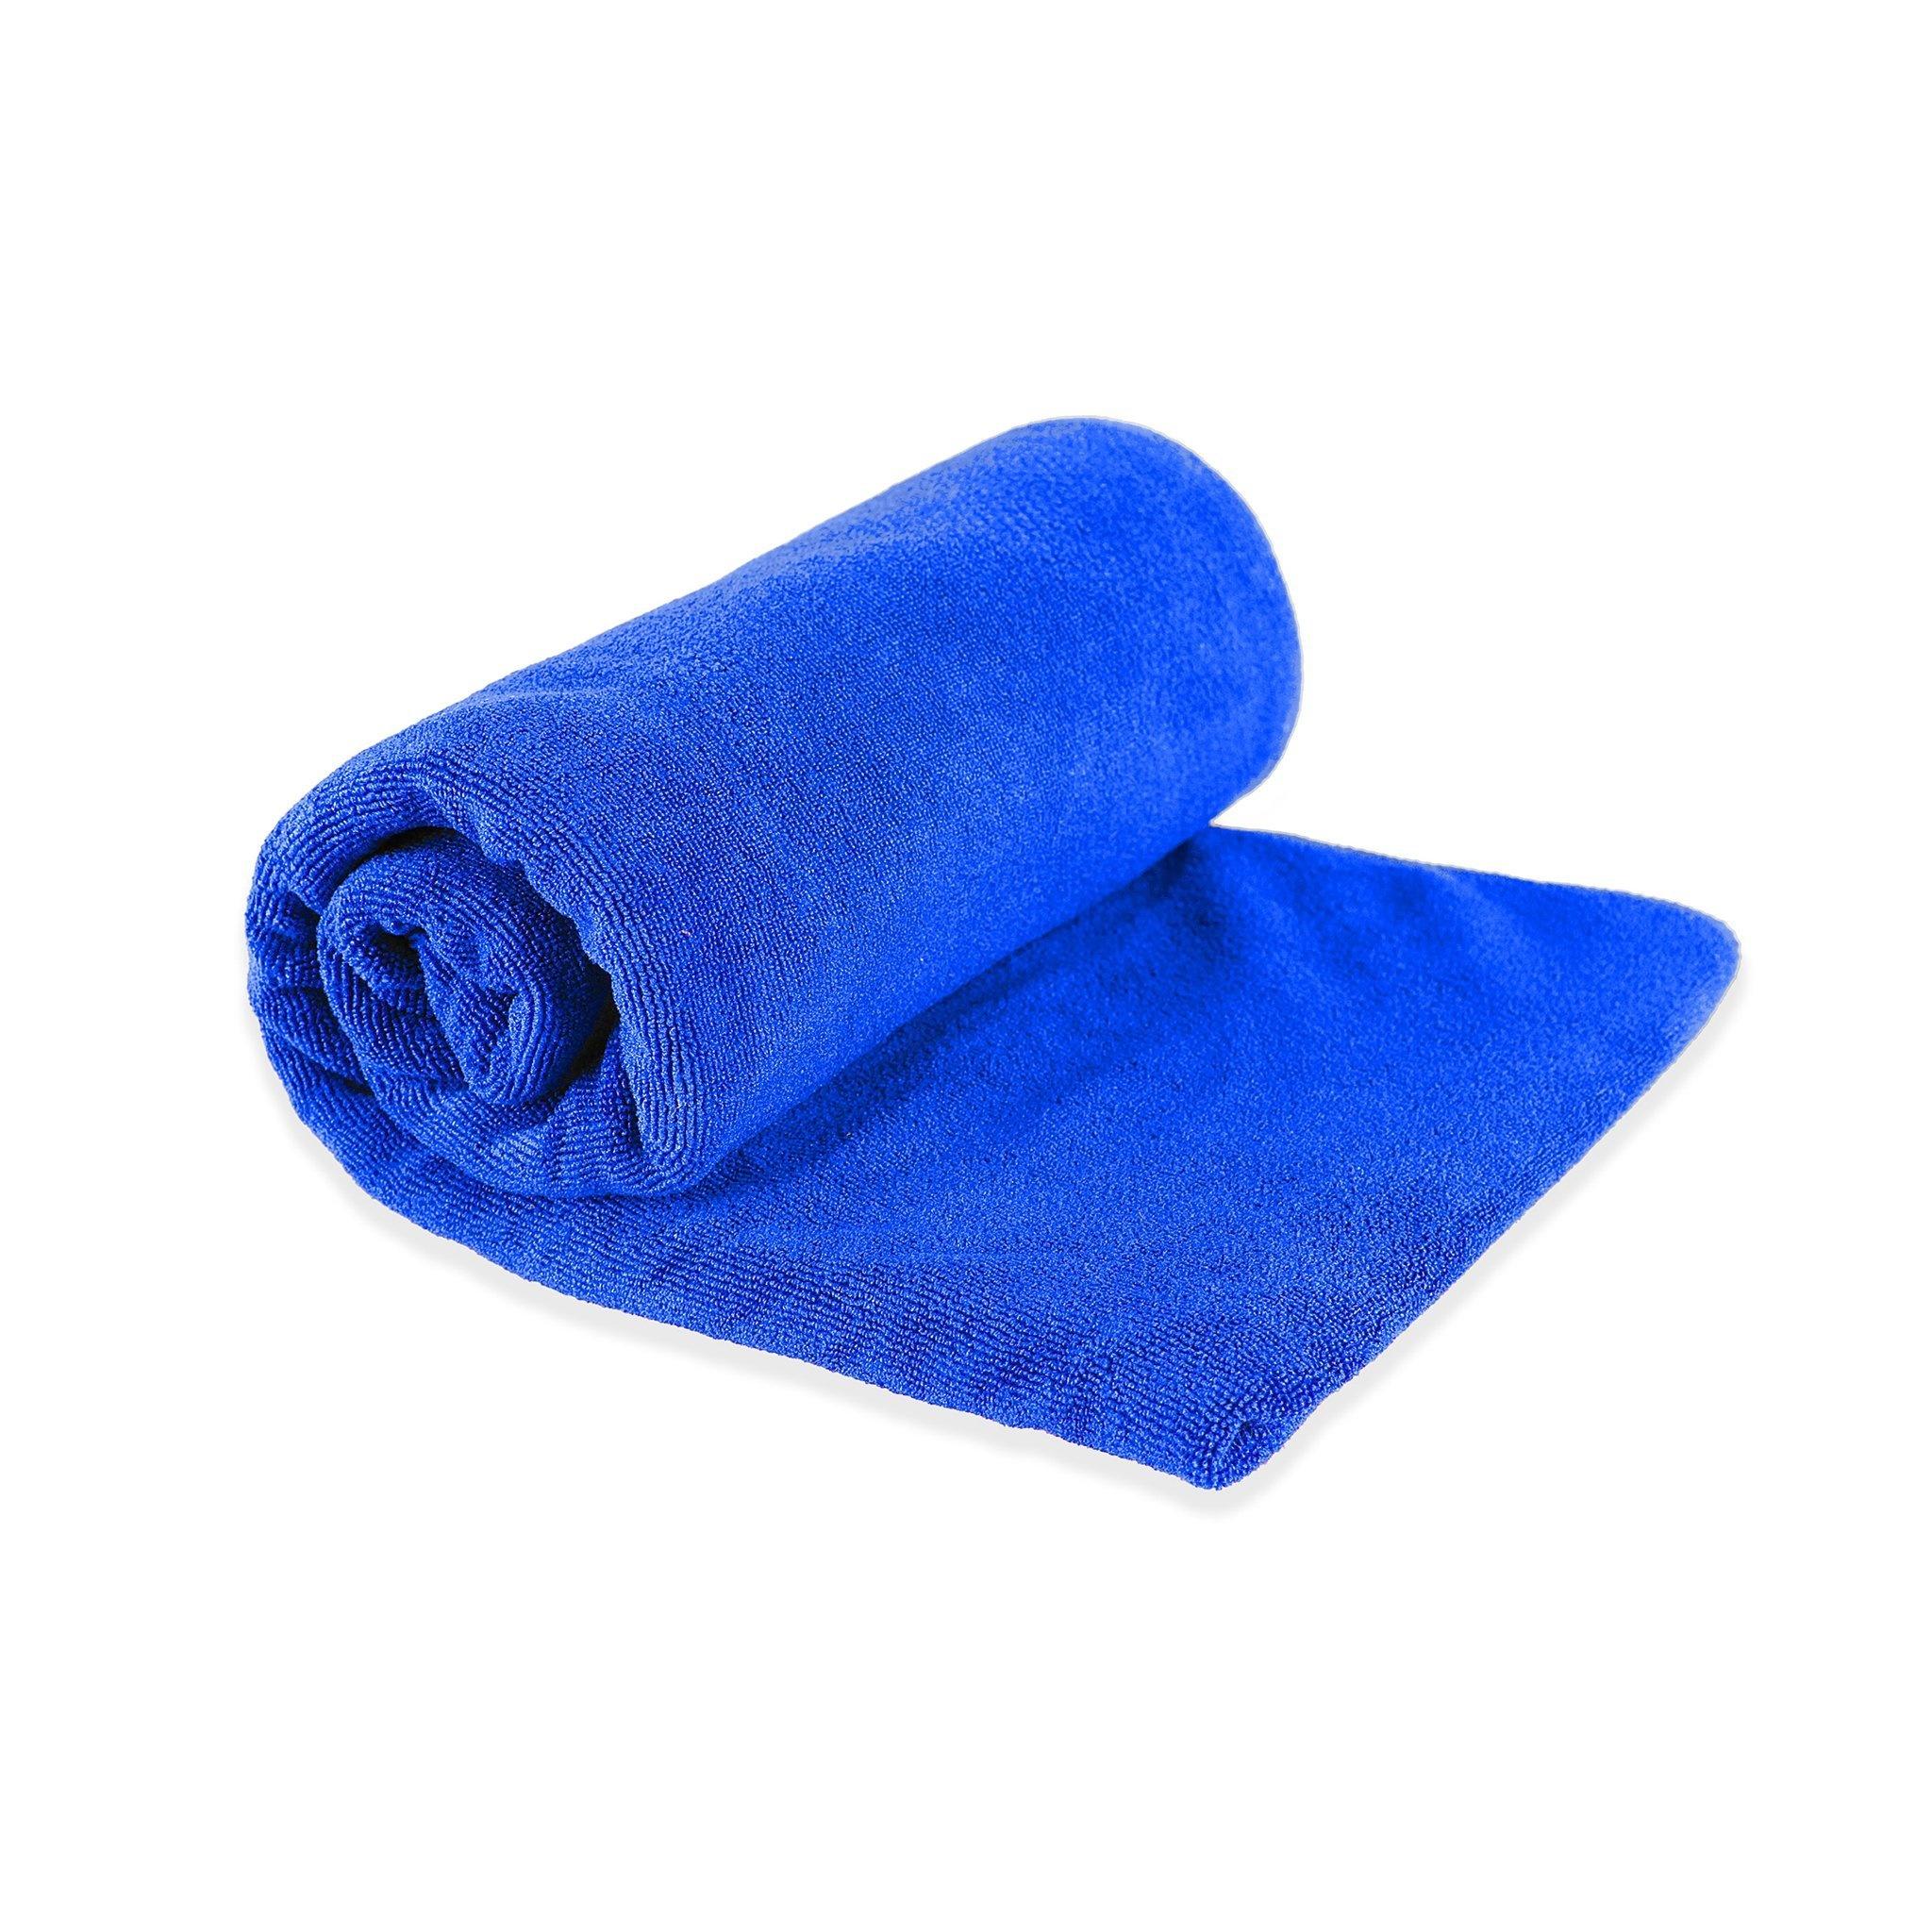 Sea to Summit Tek Towel, Small